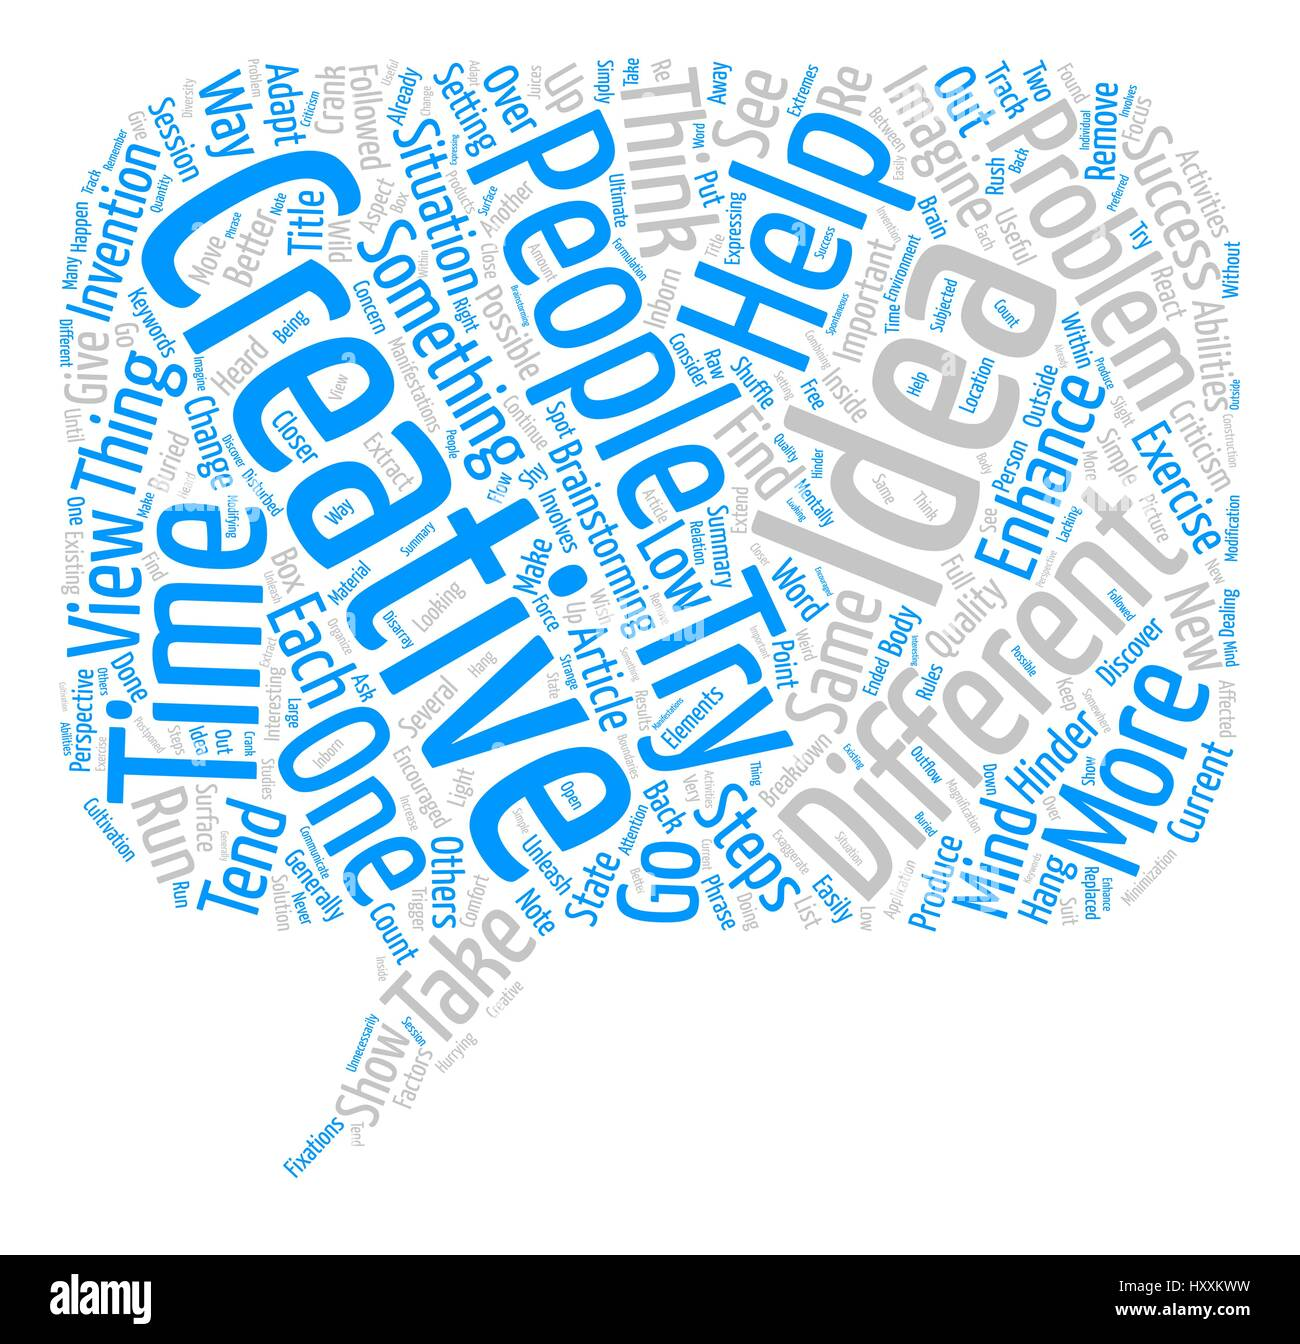 Gewicht Verlust Diat Pille Word Cloud Konzept Texthintergrund Vektor